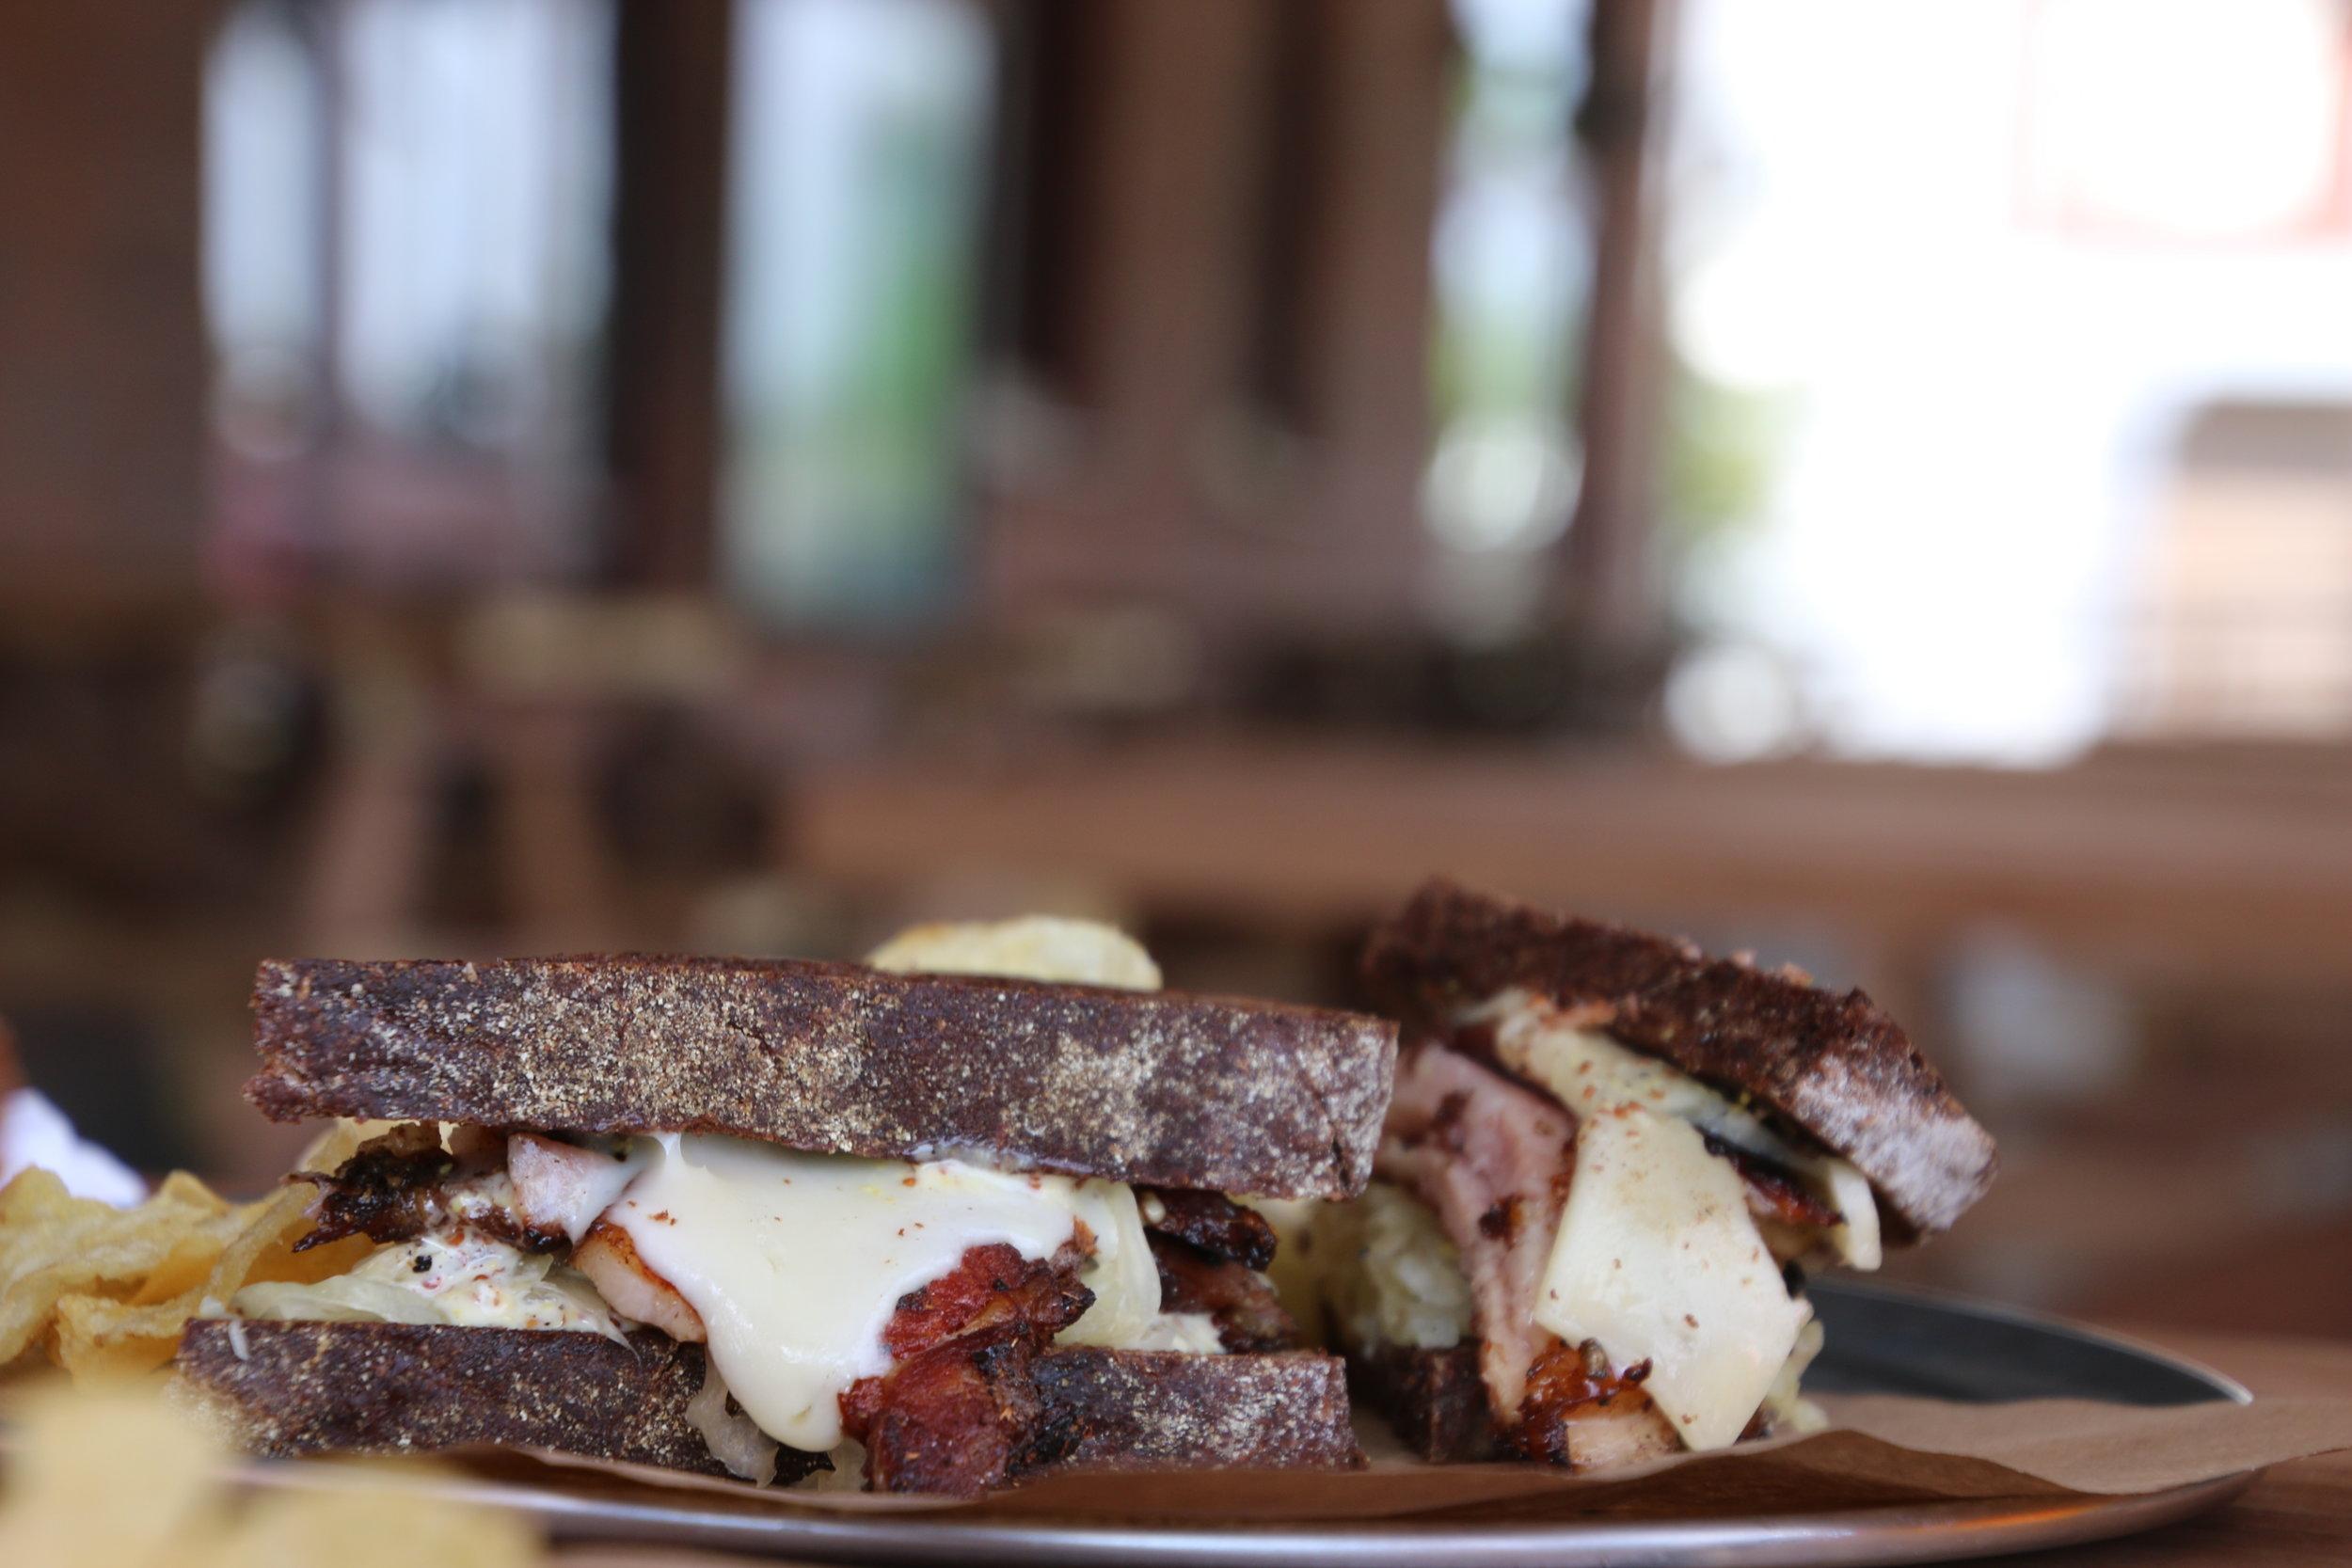 The Porkstrami at Bread & Circus Sandwich Kitchen